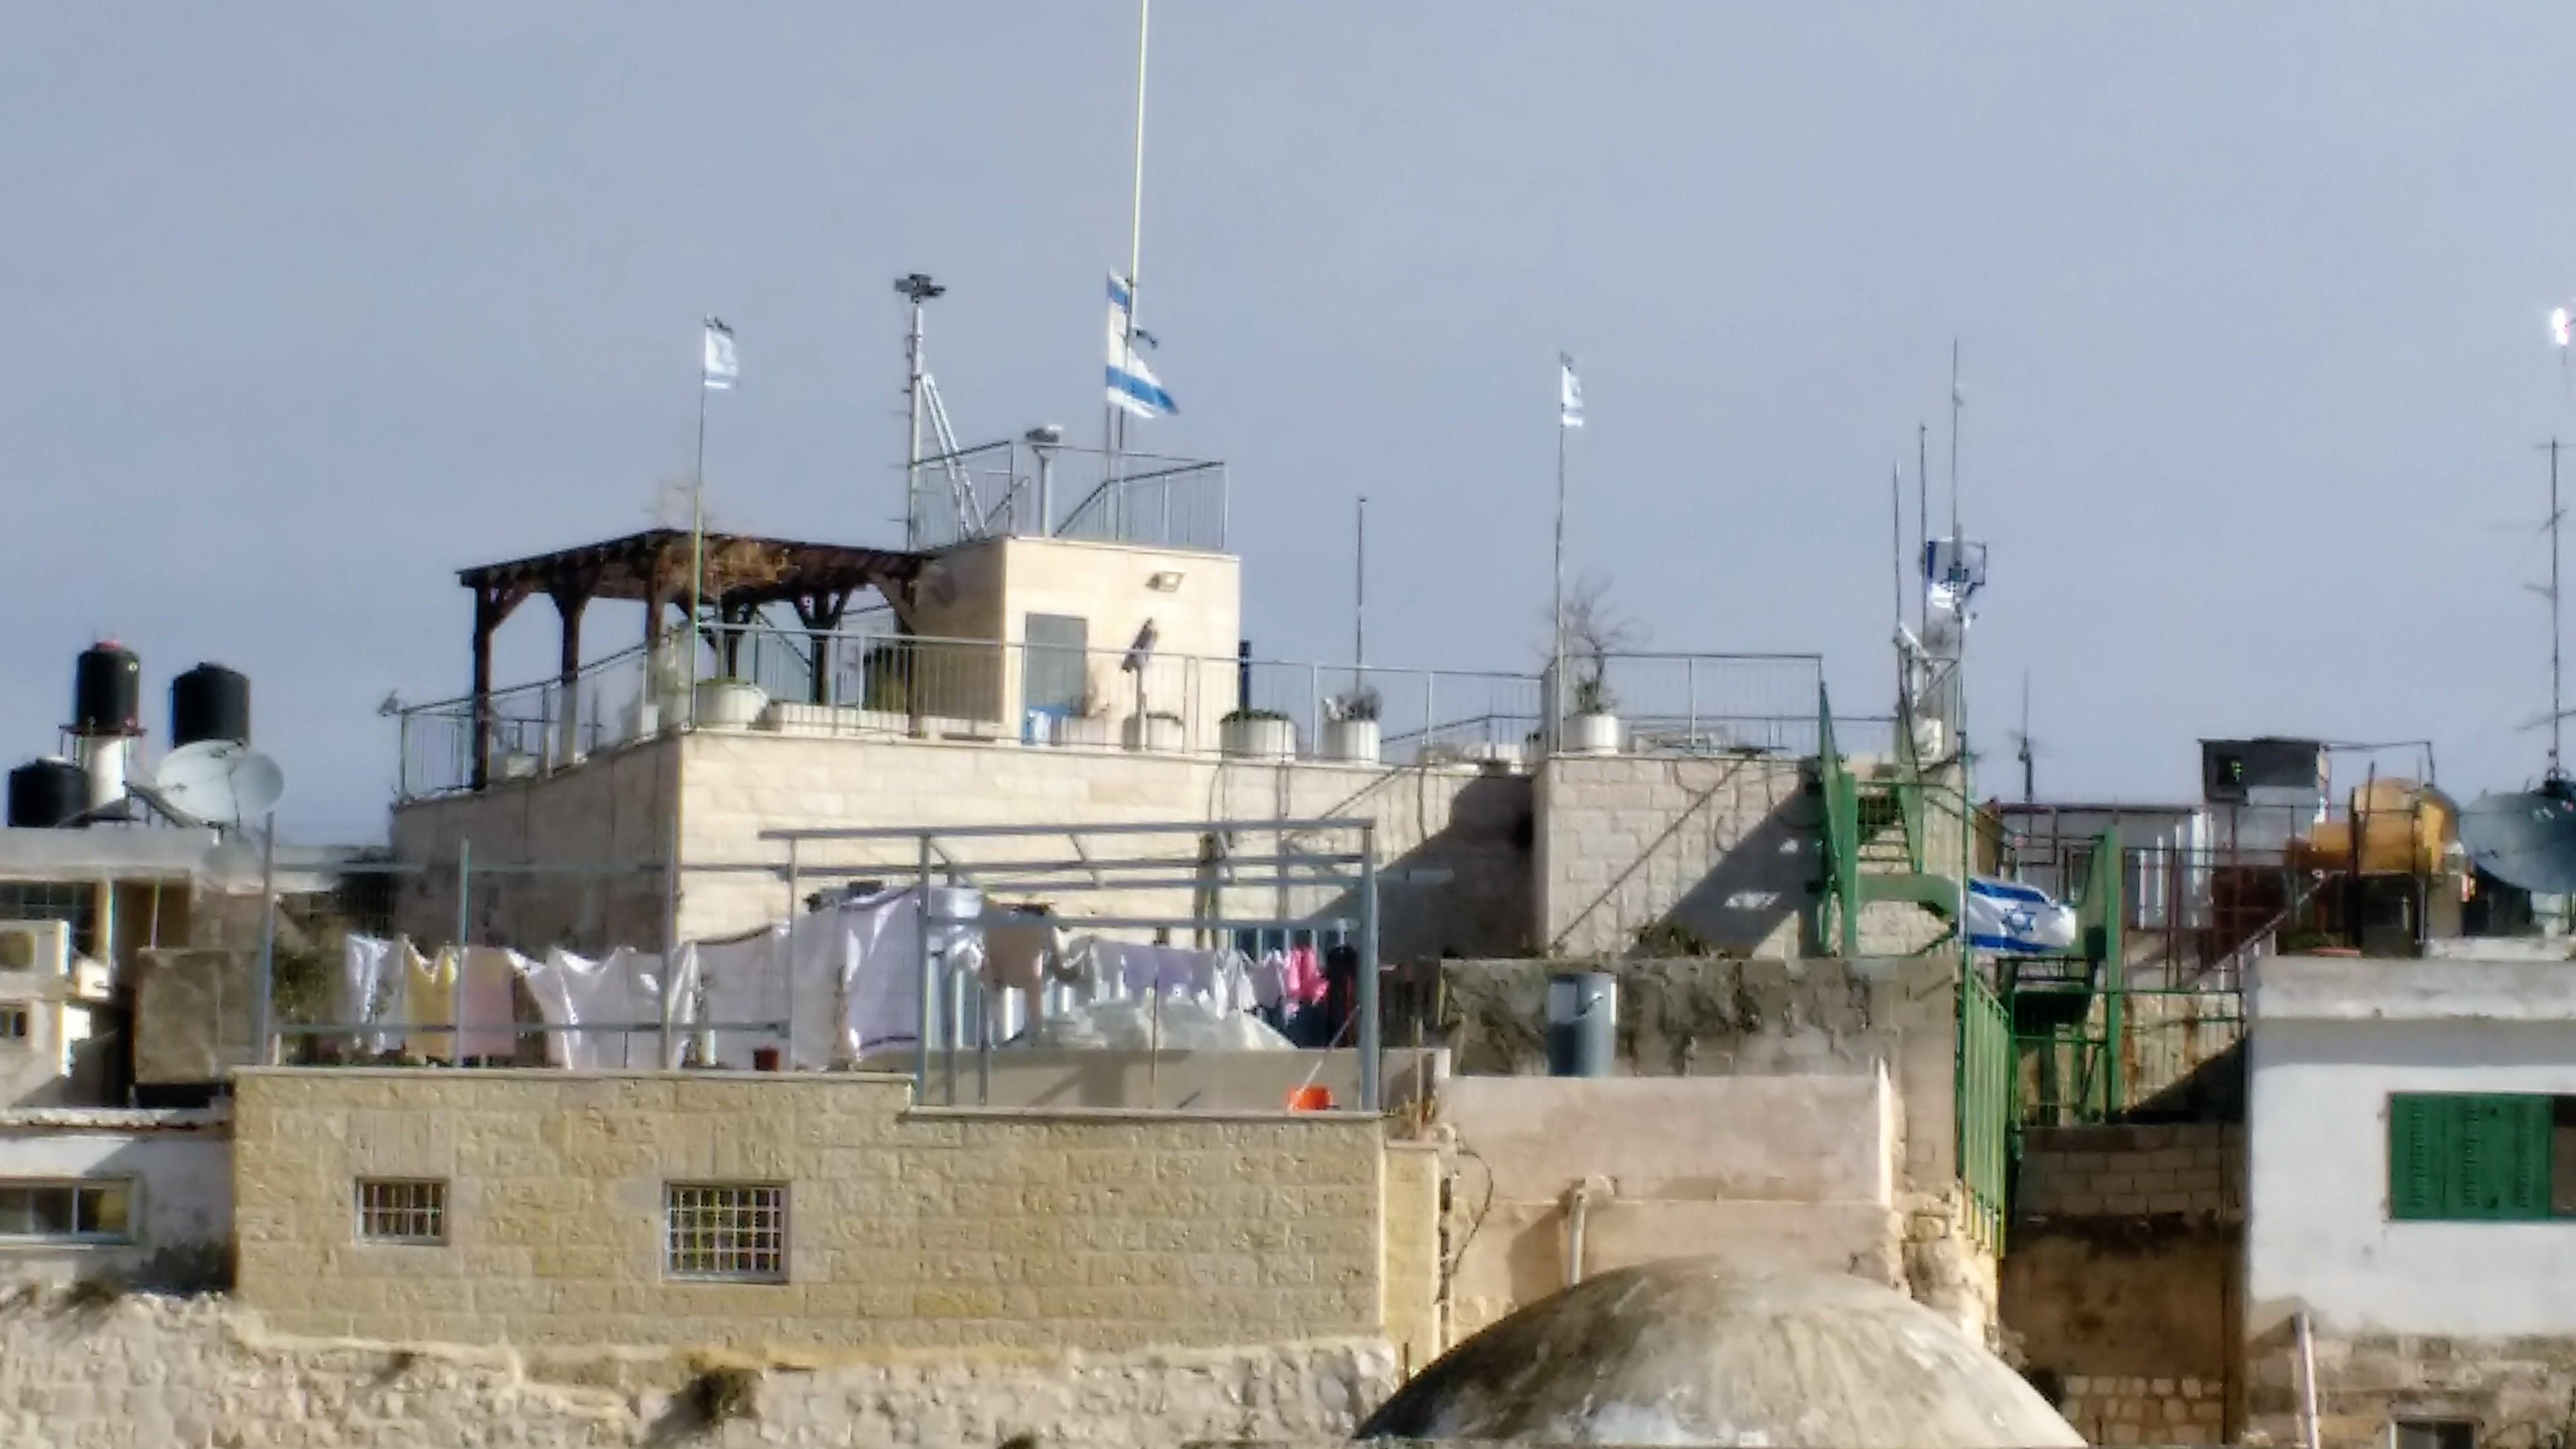 Ocupación ilegal sionista en medio de Jerusalén del Este, o la ciudad vieja de esta ciudad.